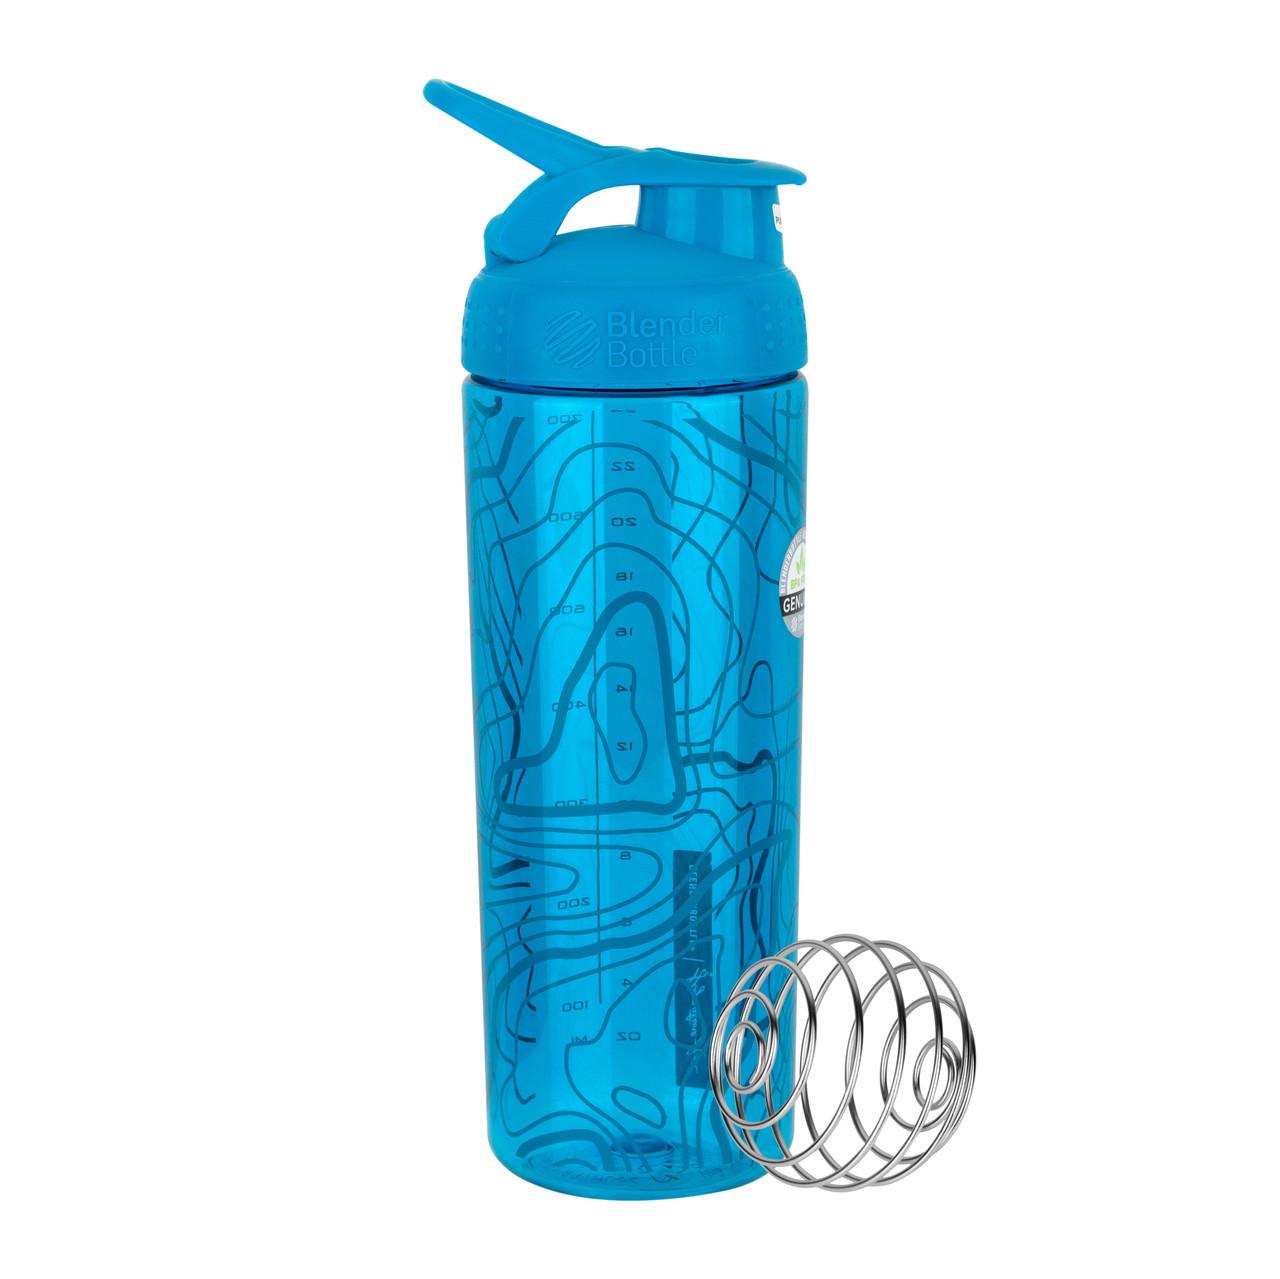 Спортивная бутылка-шейкер BlenderBottle SportMixer Signature Sleek AQUA TOPT FLOW 820мл (ORIGINAL)